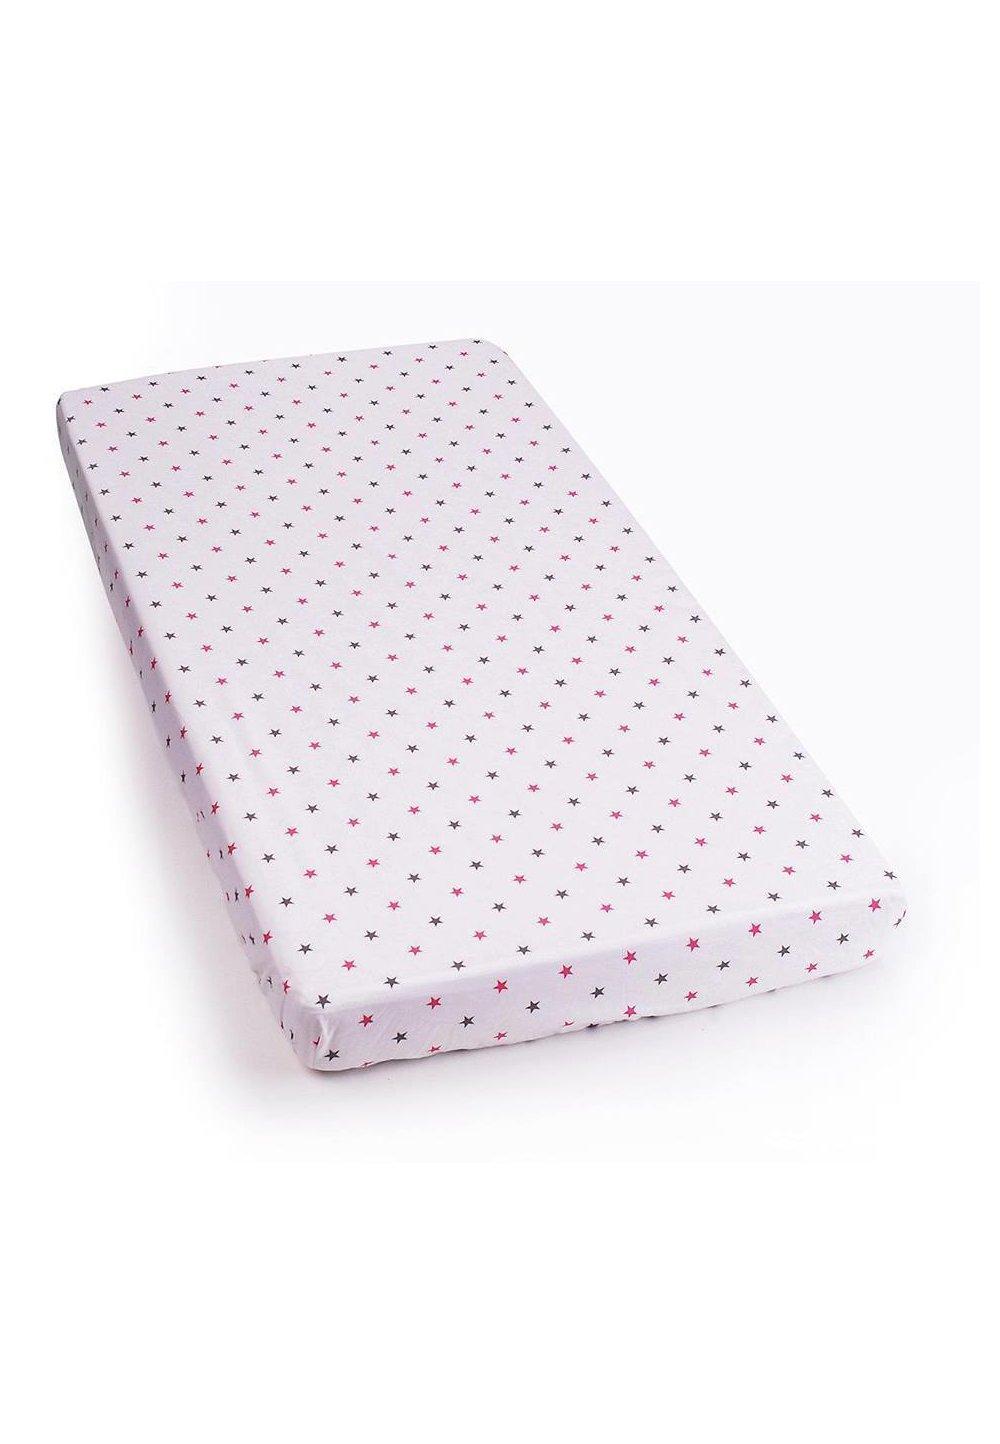 Cearceaf cu elastic 120x60cm stelute roz imagine